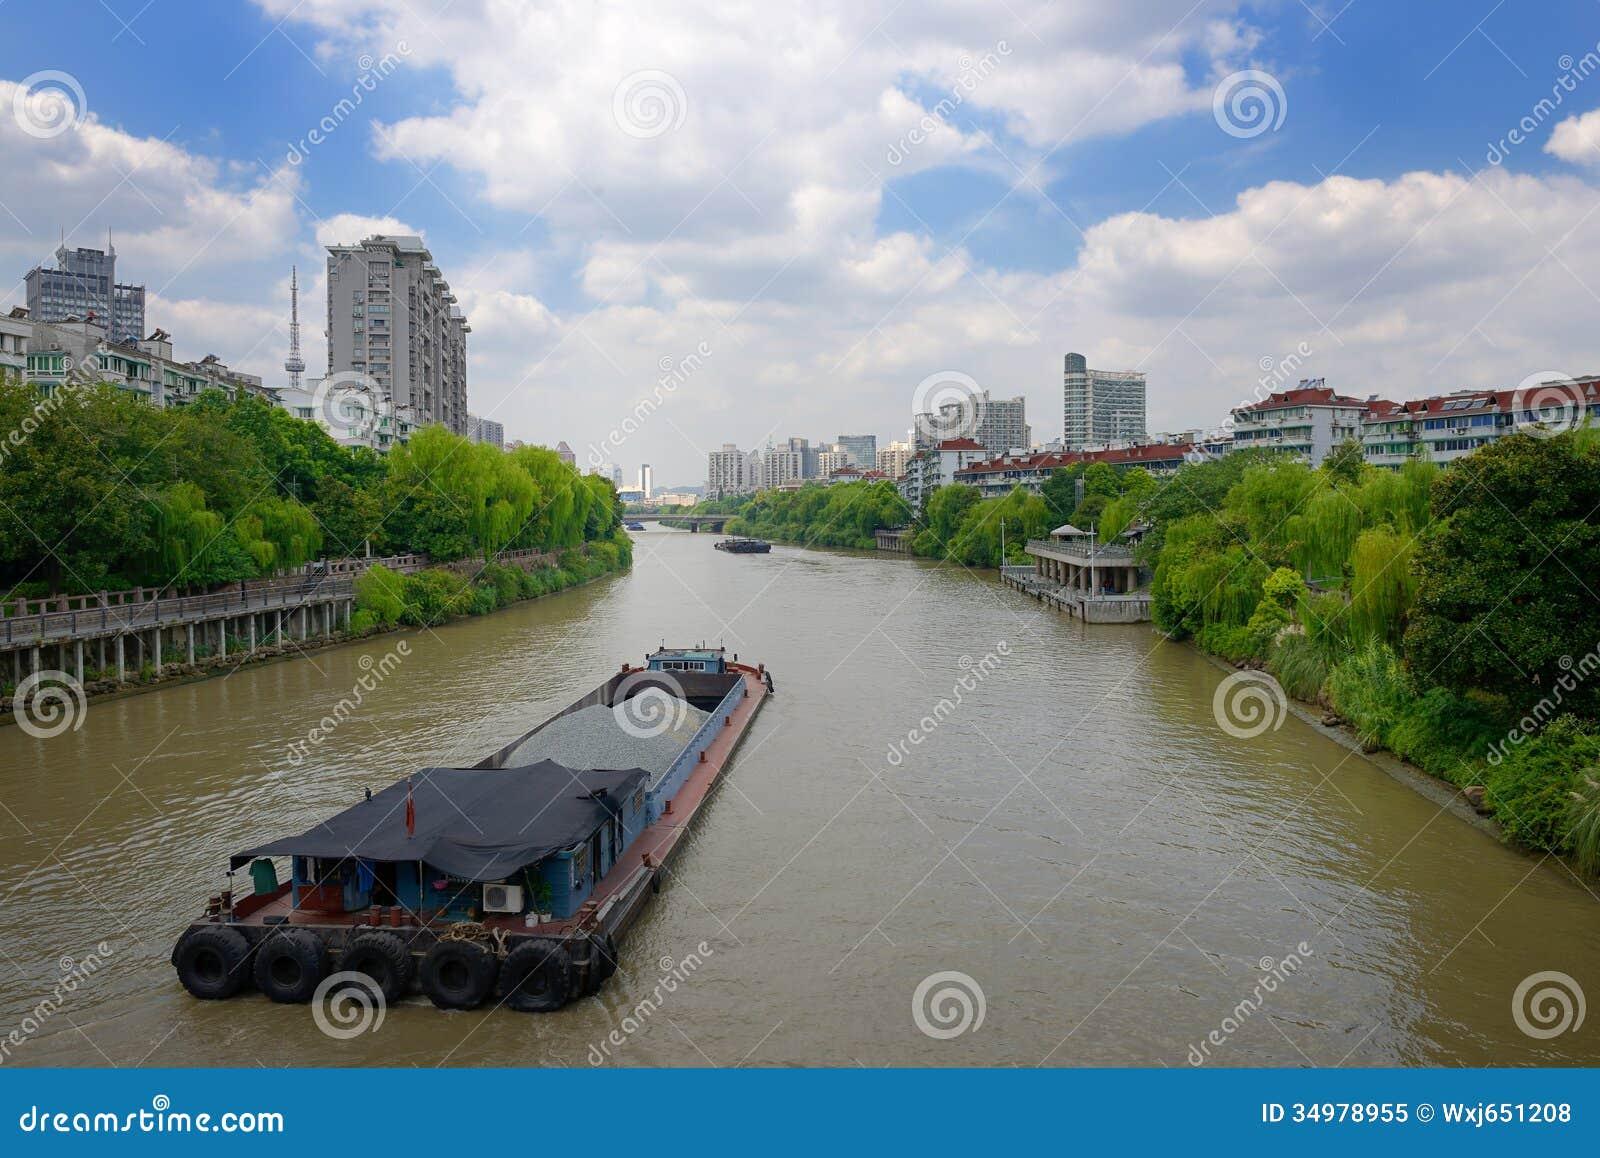 China Hangzhou Beijing Hangzhou the Grande Canale